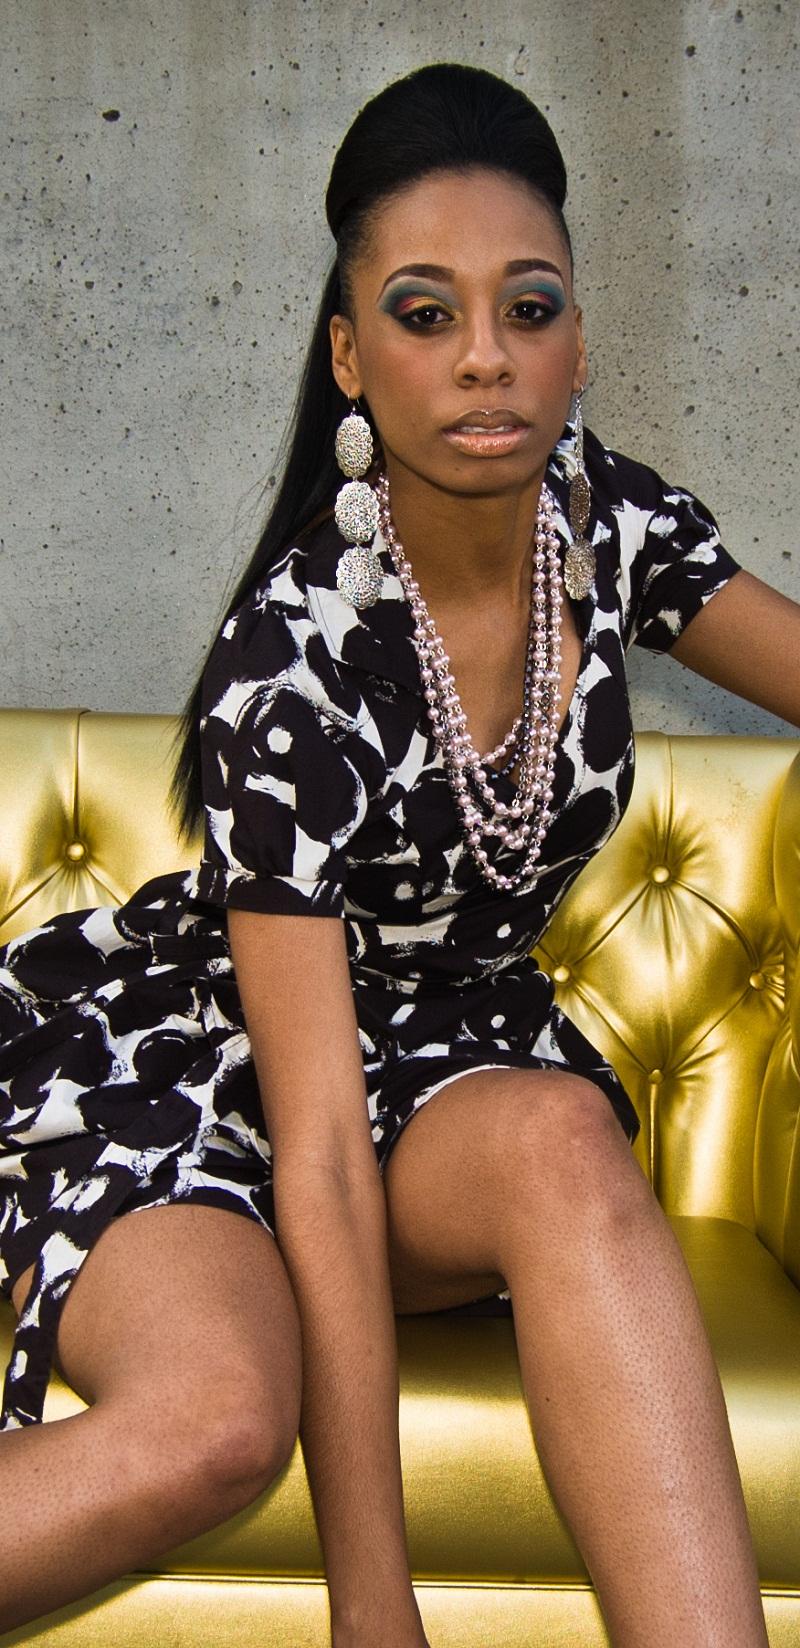 Female model photo shoot of mschevan in aurum lounge 10.23.2010